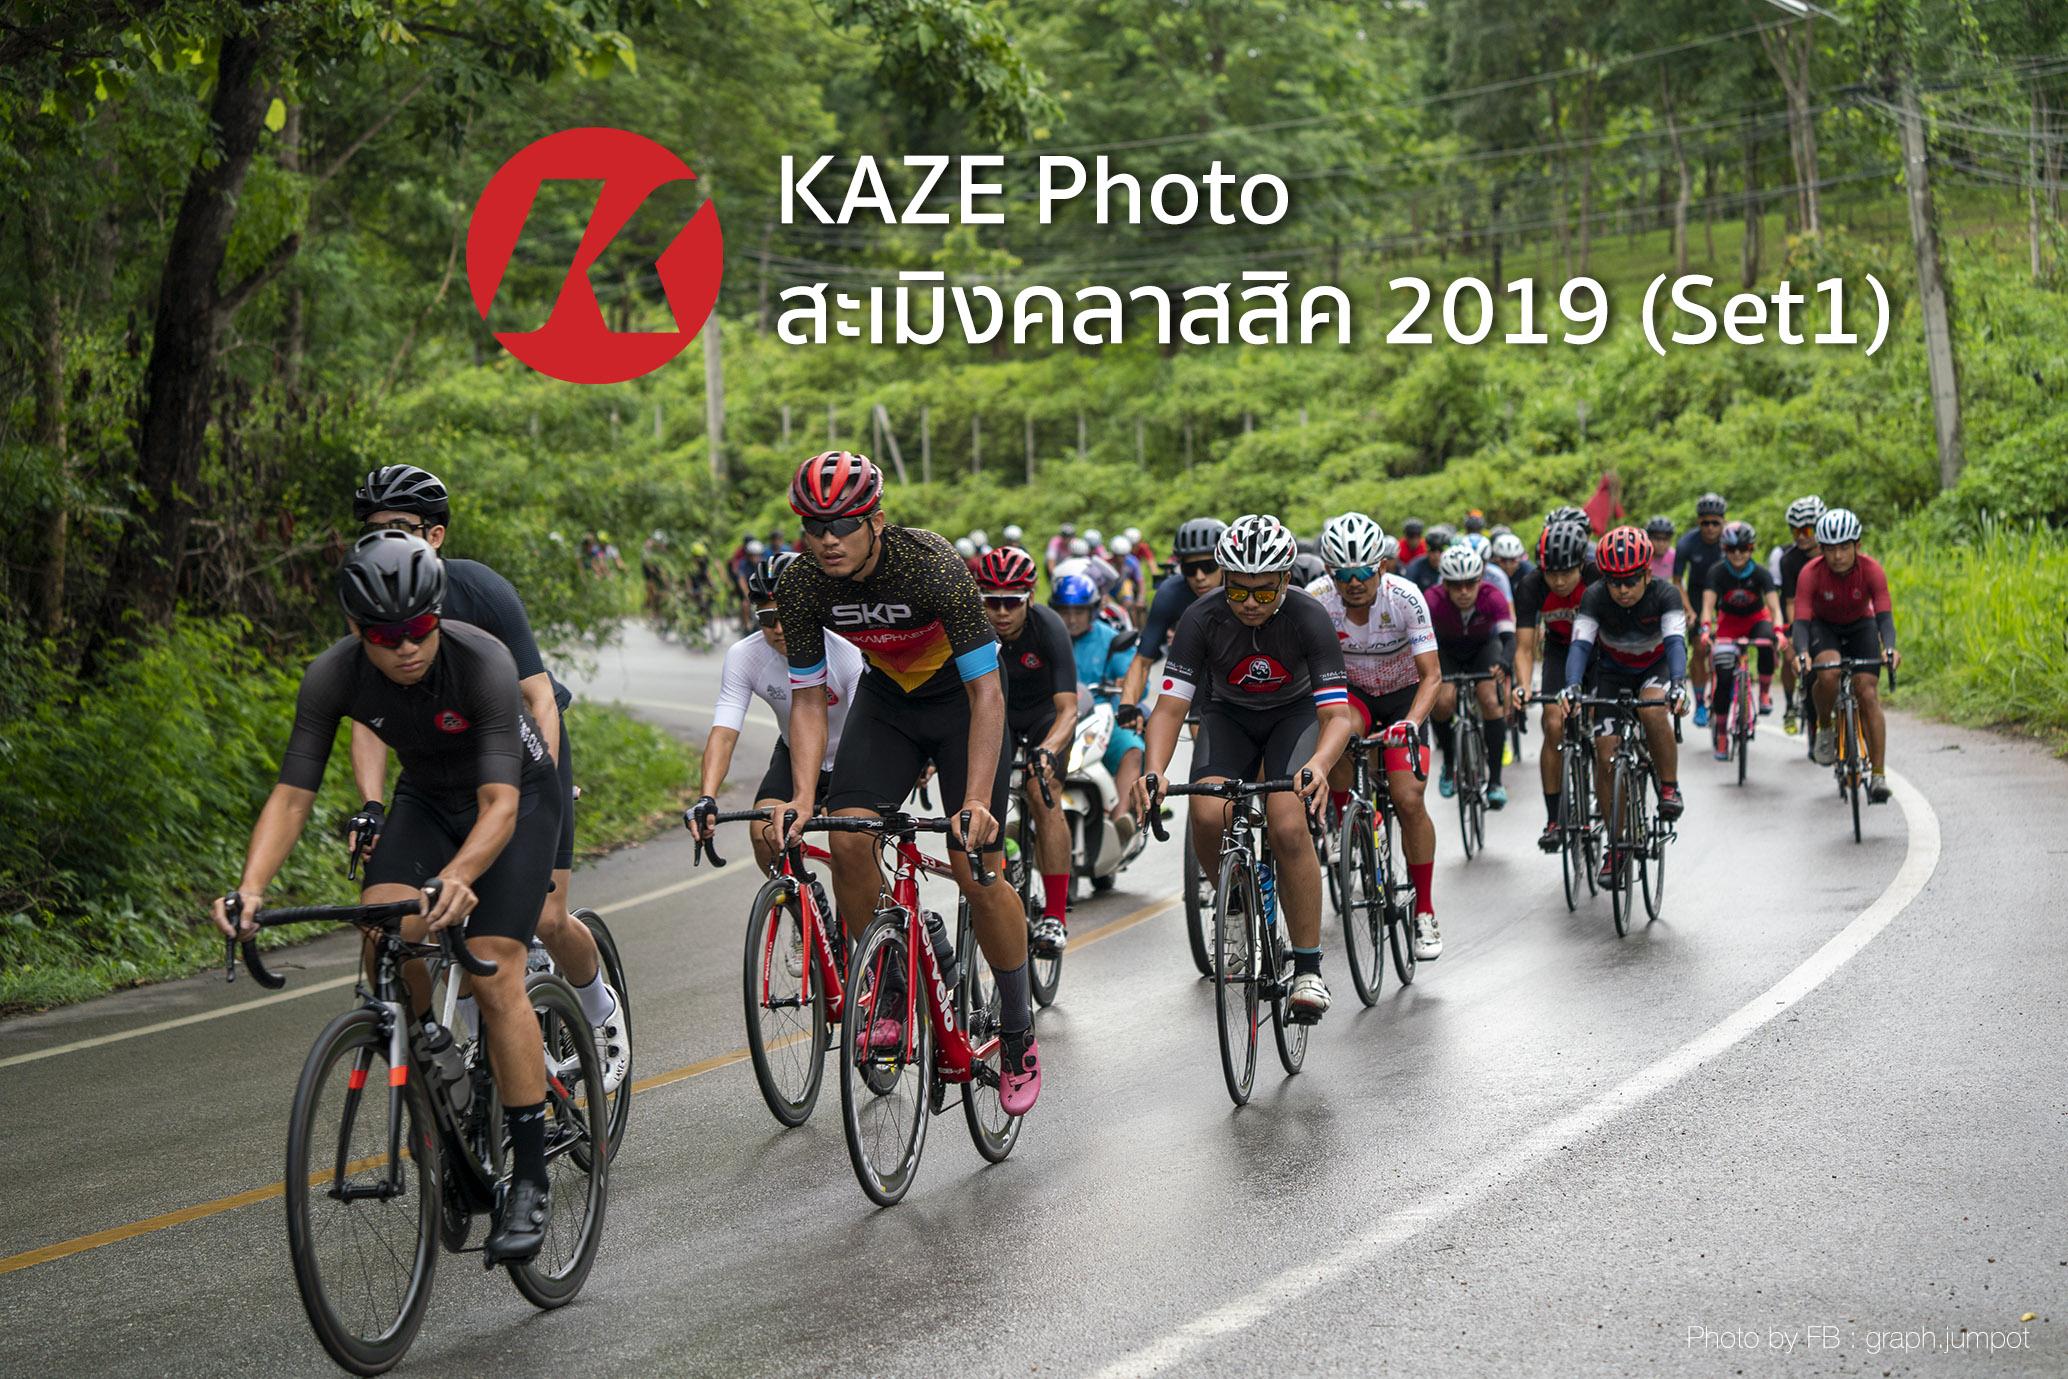 สะเมิงคลาสสิค 2019 ภาพถ่าย โดยทีมงาน KAZE Photo